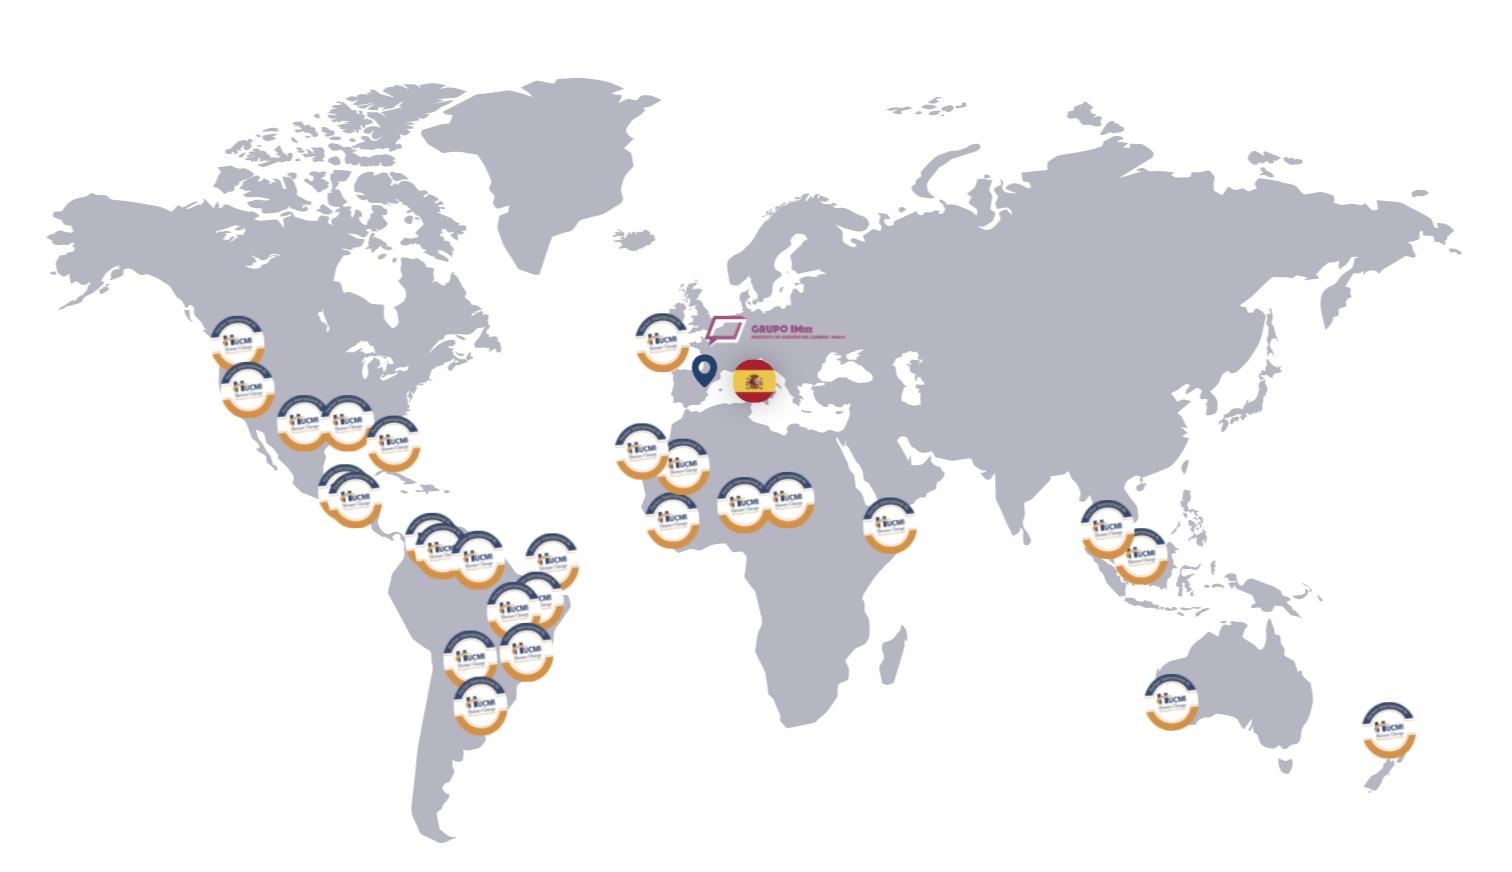 mapa hucmi hcmbok en el mundo 2020 instituto gestion del cambio imm